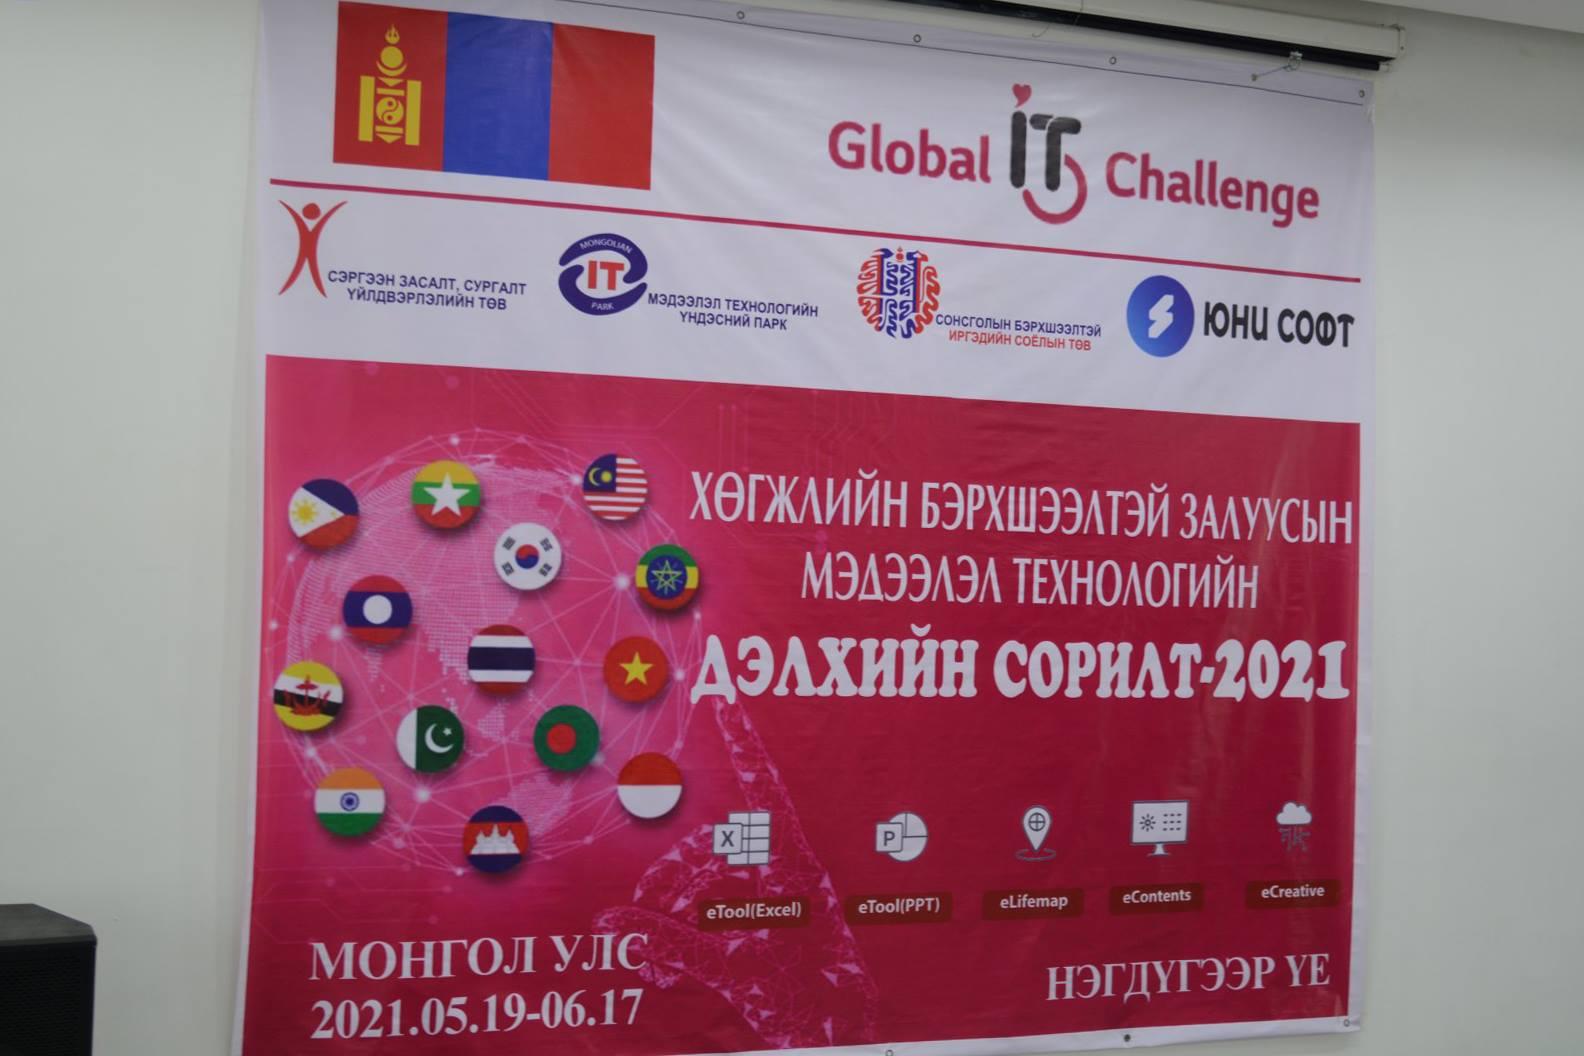 """Хөгжлийн бэрхшээлтэй залуусын мэдээлэл, технологийн """"Дэлхийн сорилт 2021"""" тэмцээн амжилттай зохион байгуулагдаж байна."""